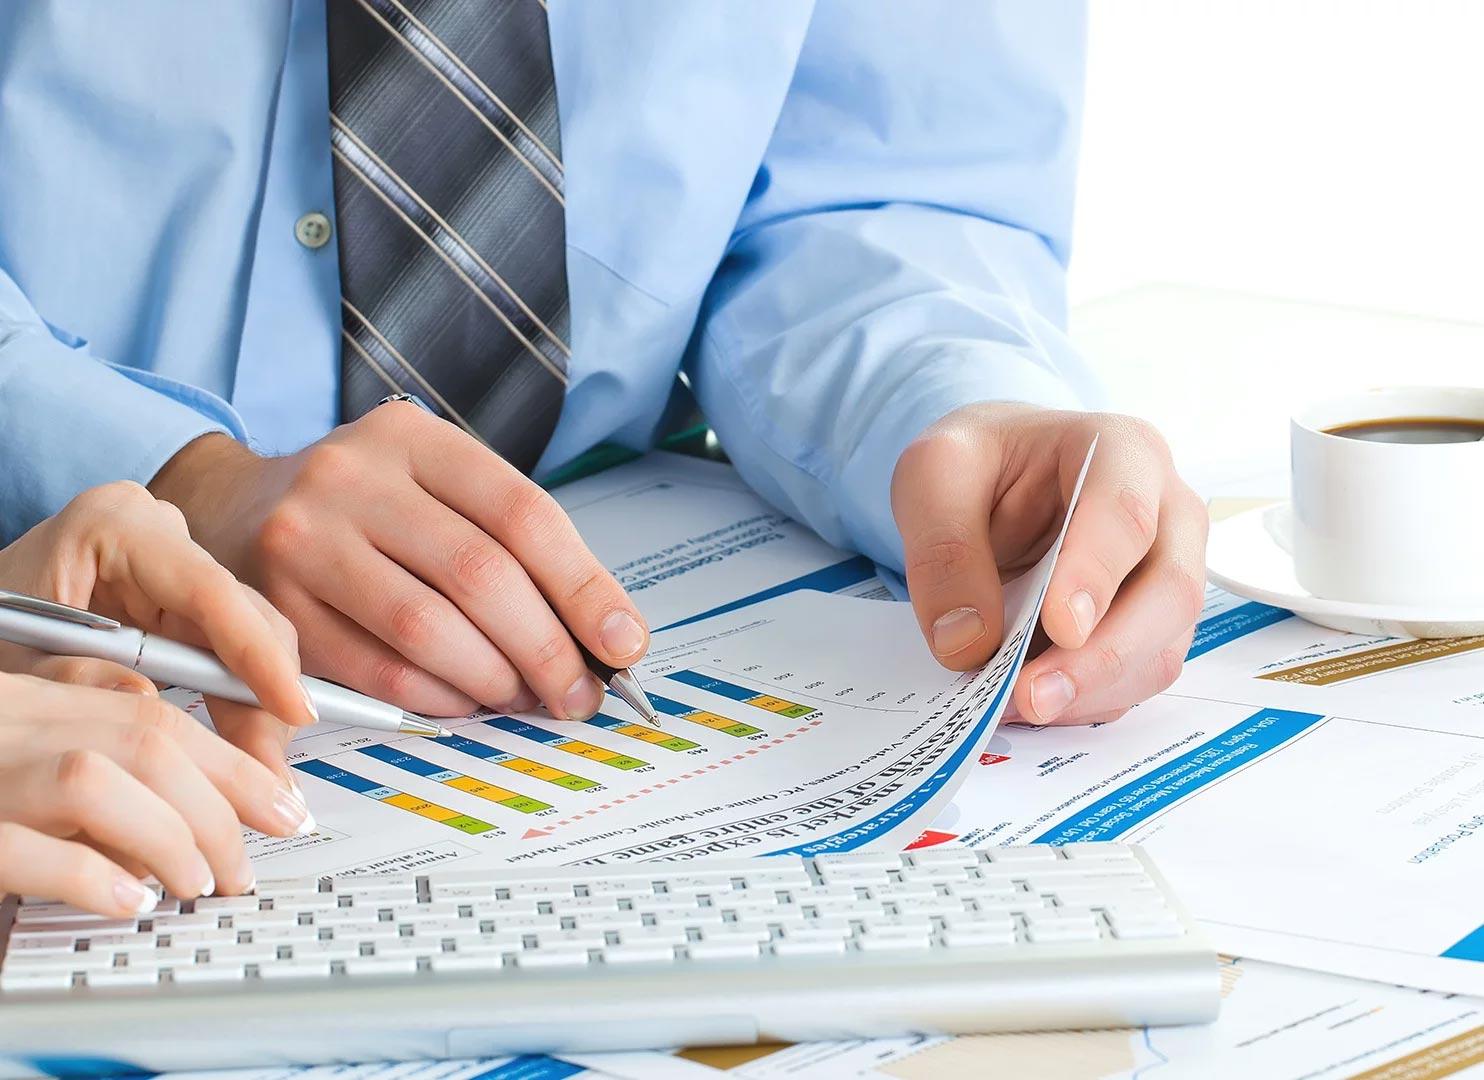 Бесплатный вебинар: Как увеличить продажи в бизнесе на 30% за 45 дней